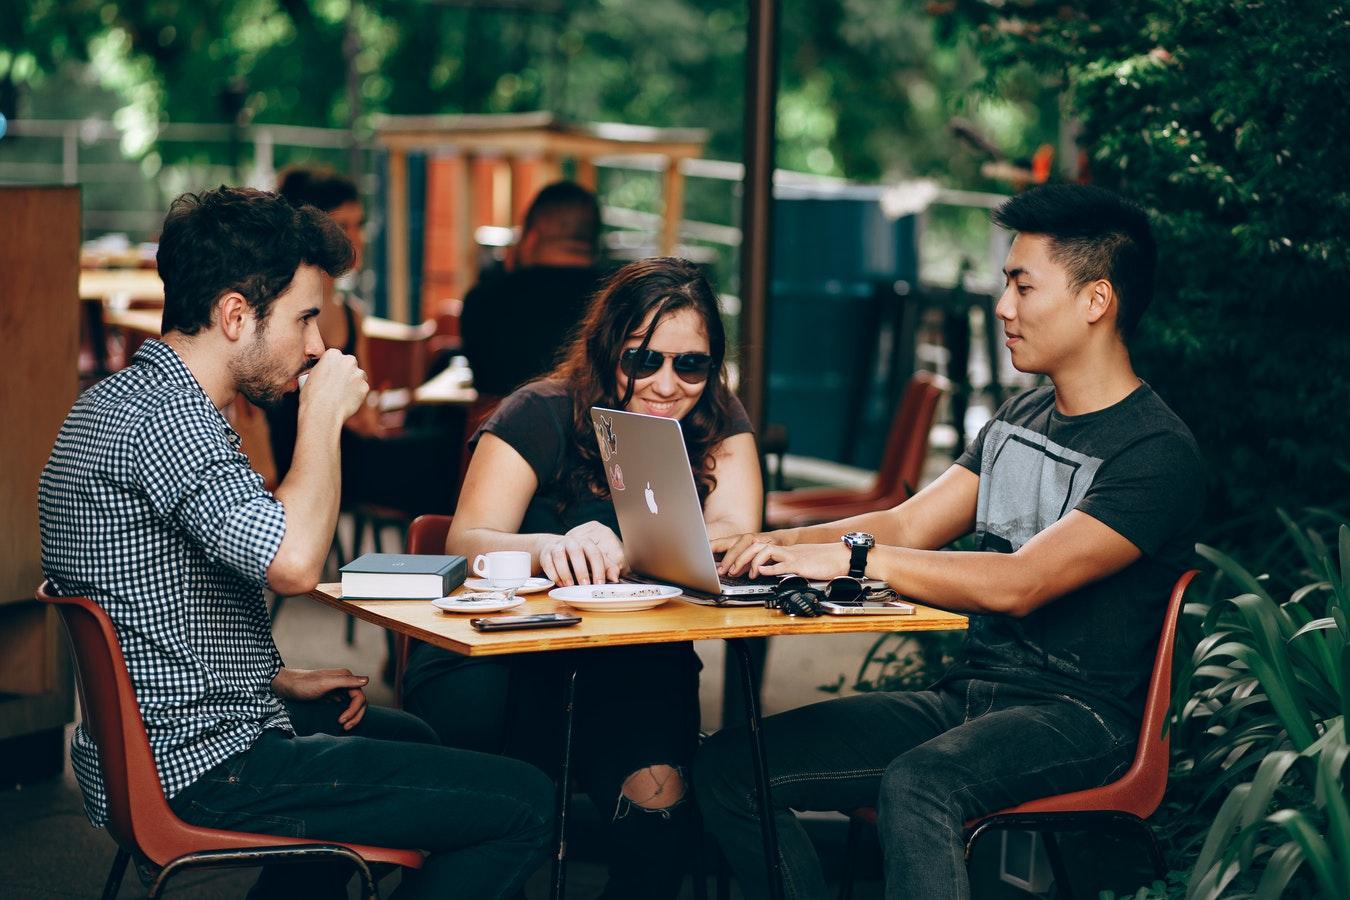 Para encontrar trabajo es fundamental adaptar el currículum a cada oferta